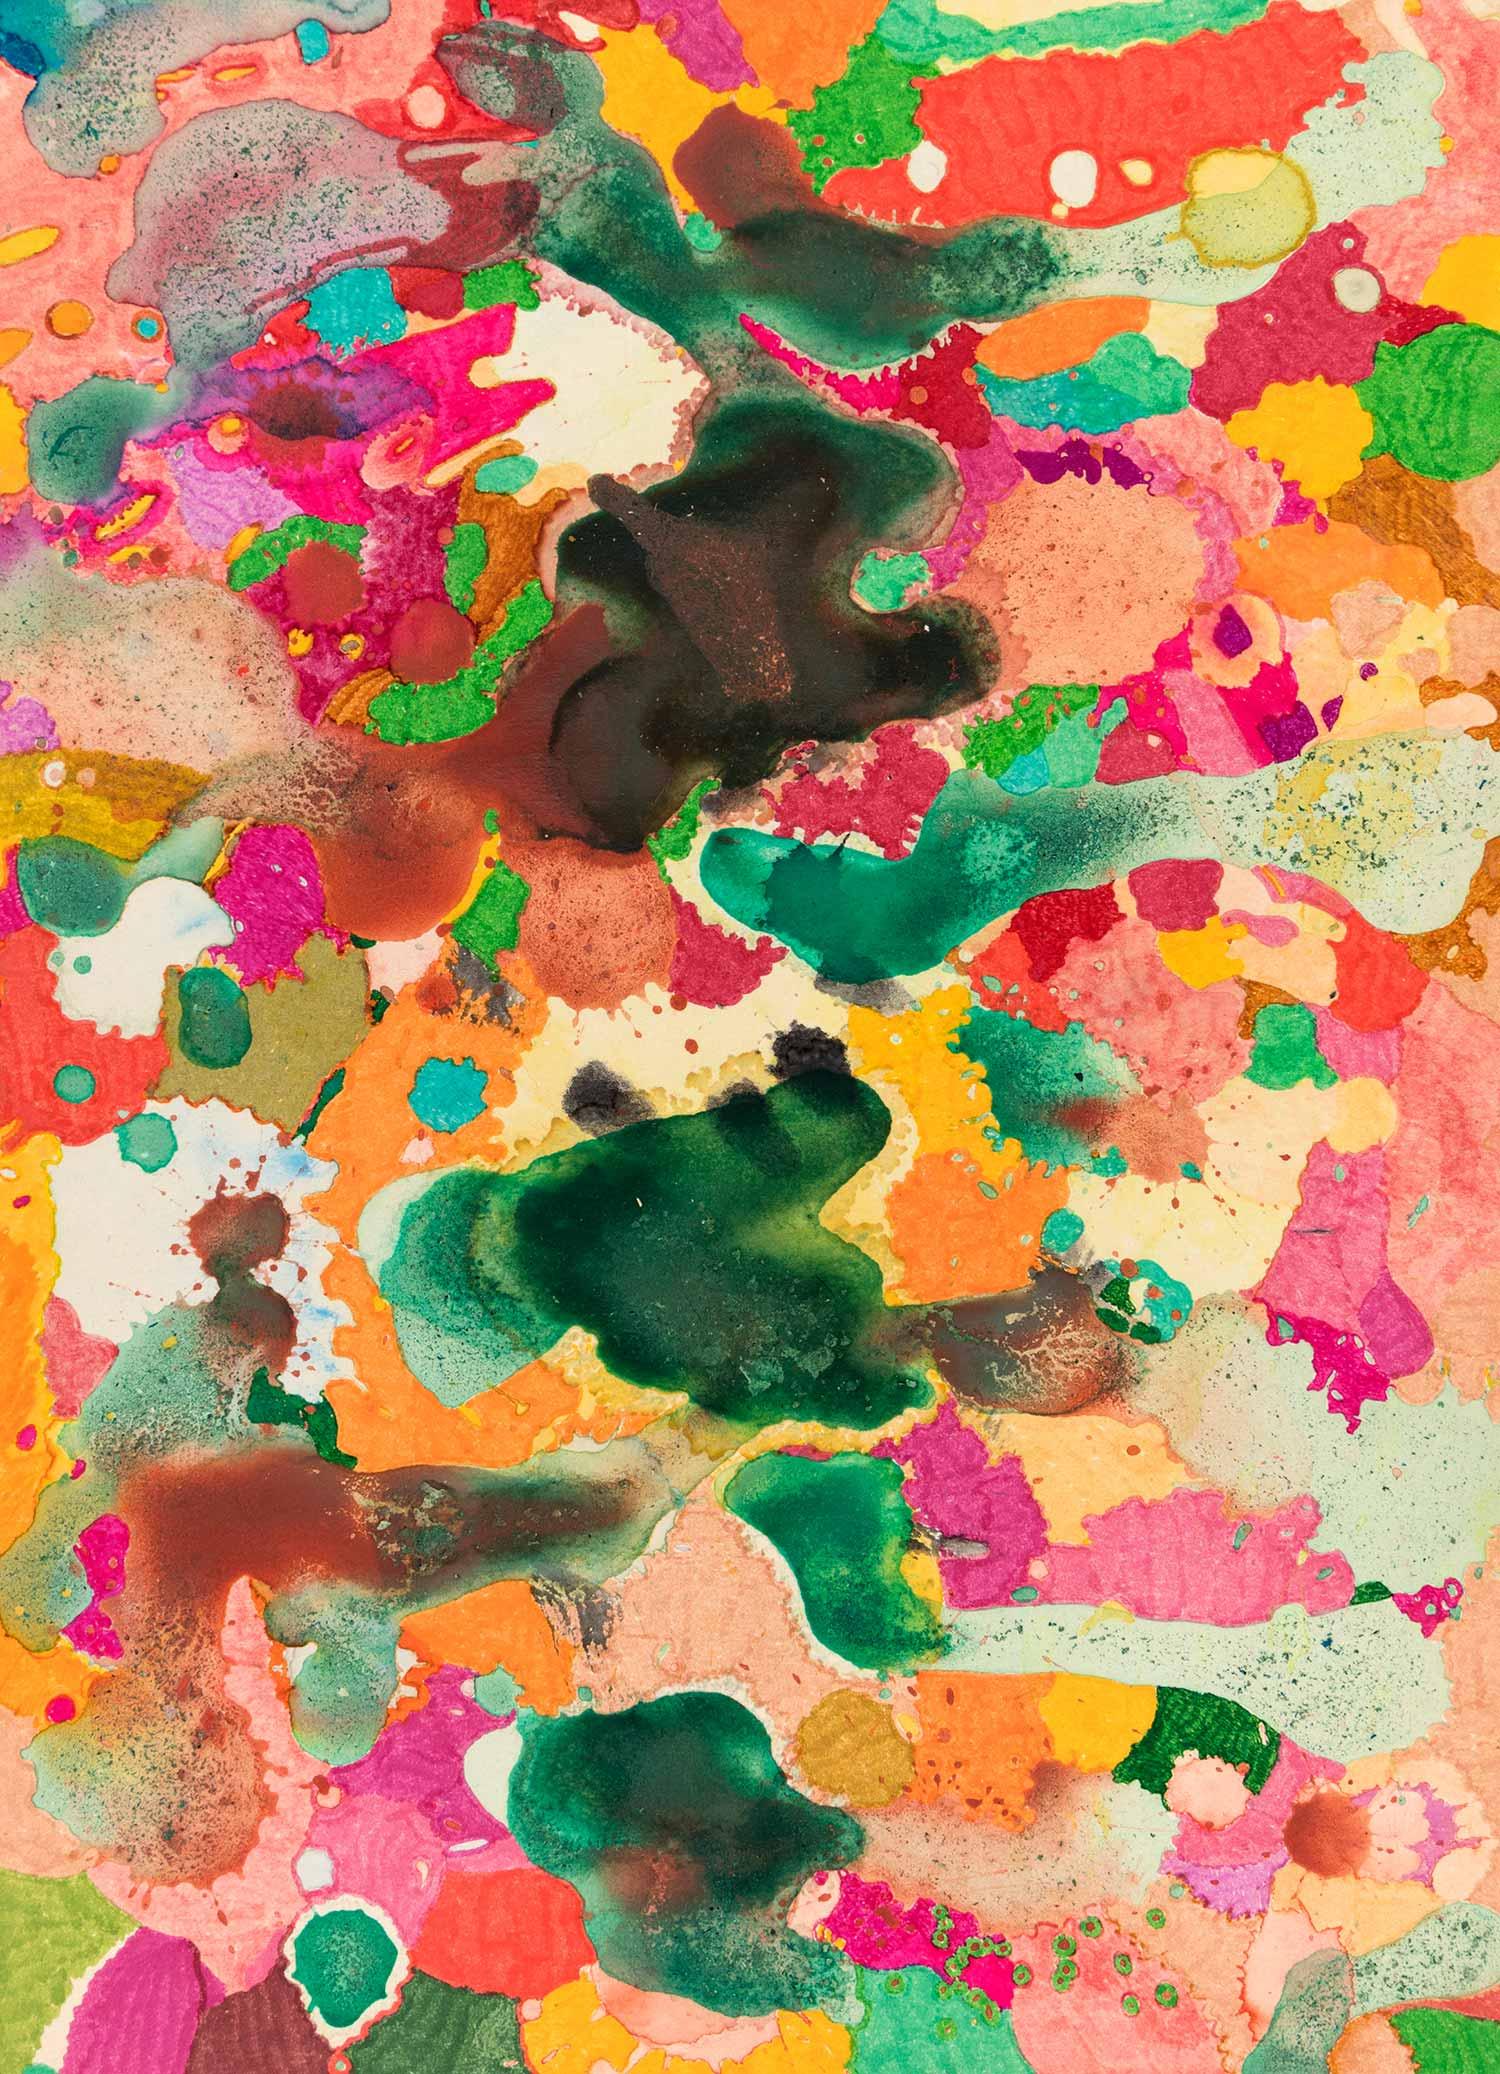 <b>Delicatessen III</b><br> Técnica mixta sobre papel Canson Añejo<br> 34 x 24,5 cm